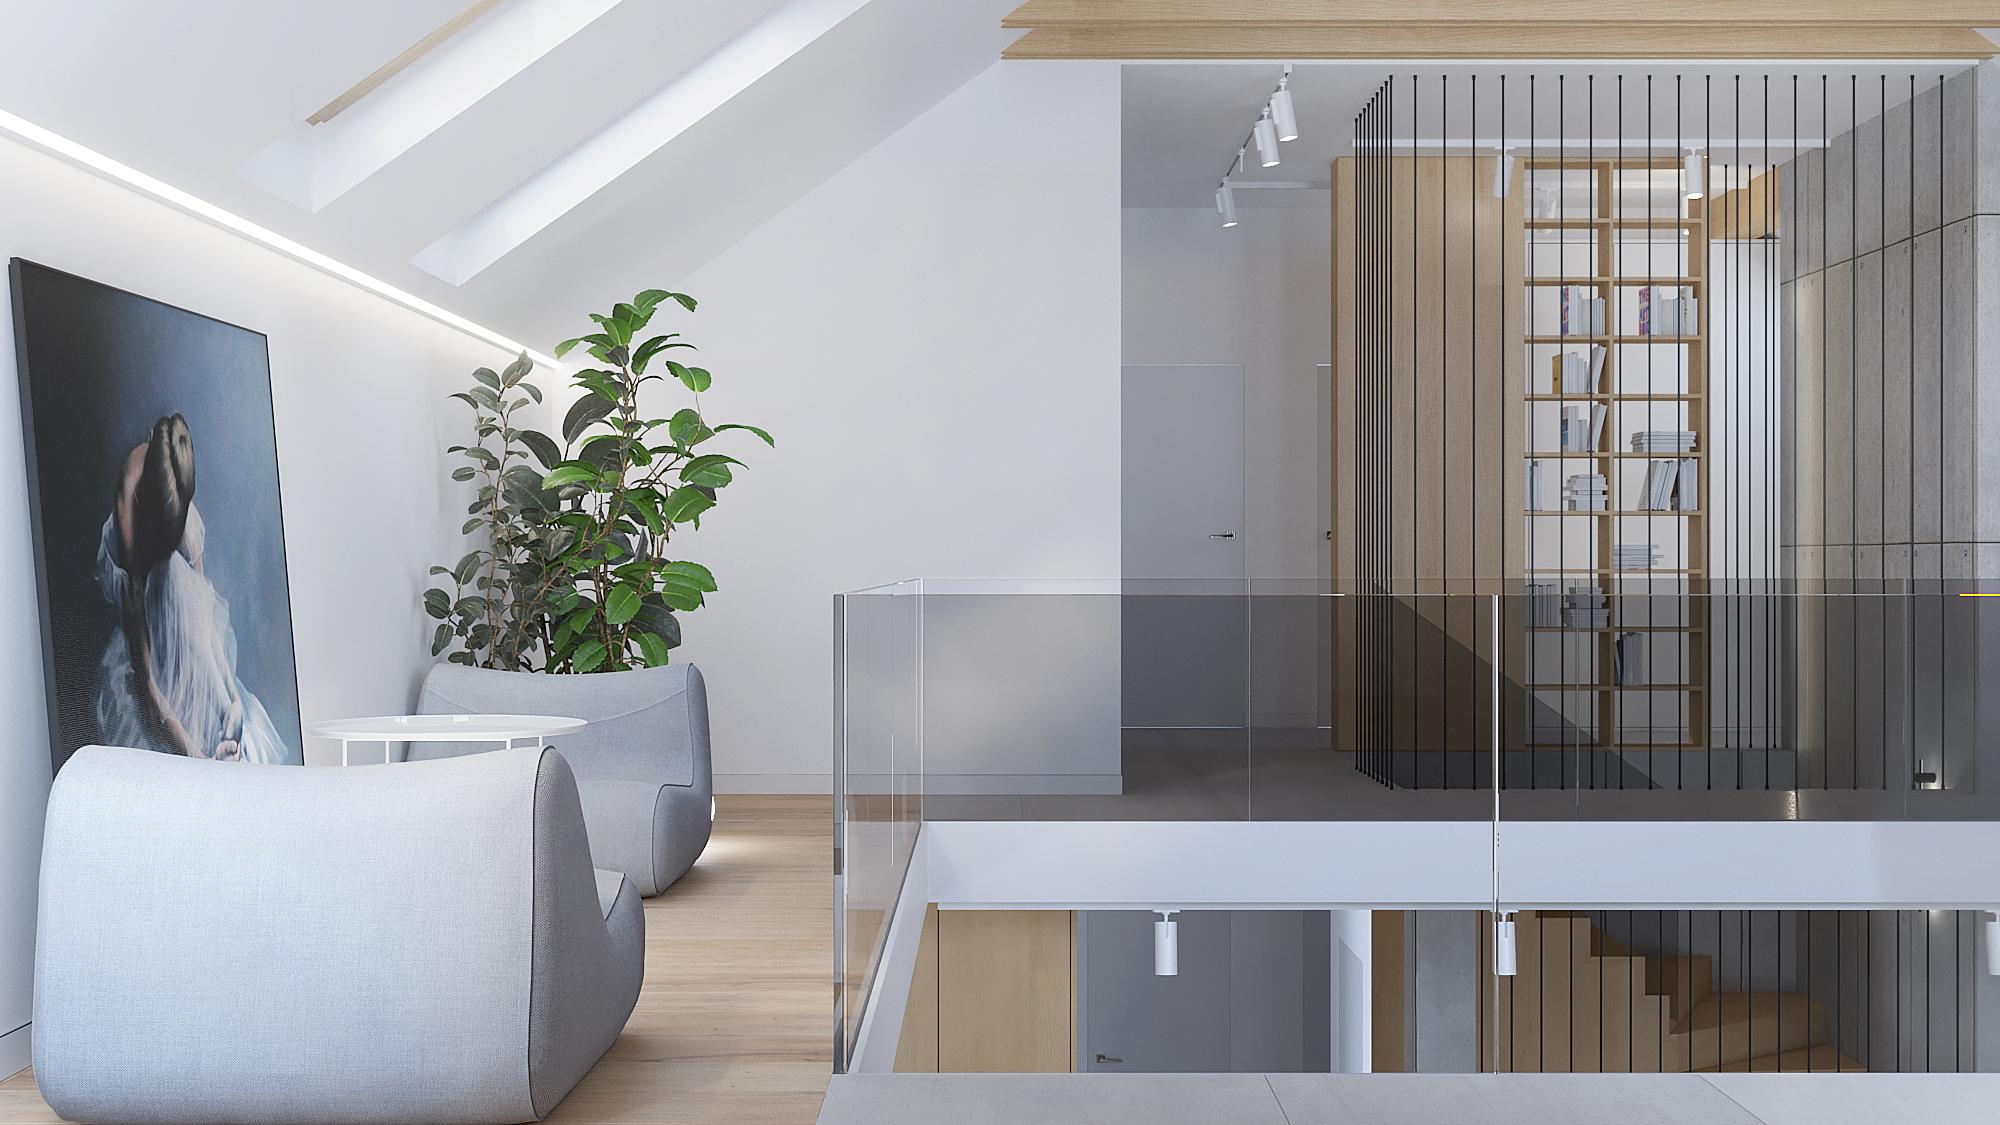 14 architekt wnetrz D428 dom Ruda Slaska antresola szklan balustrada szare fotele drewnany regal obraz na scianie